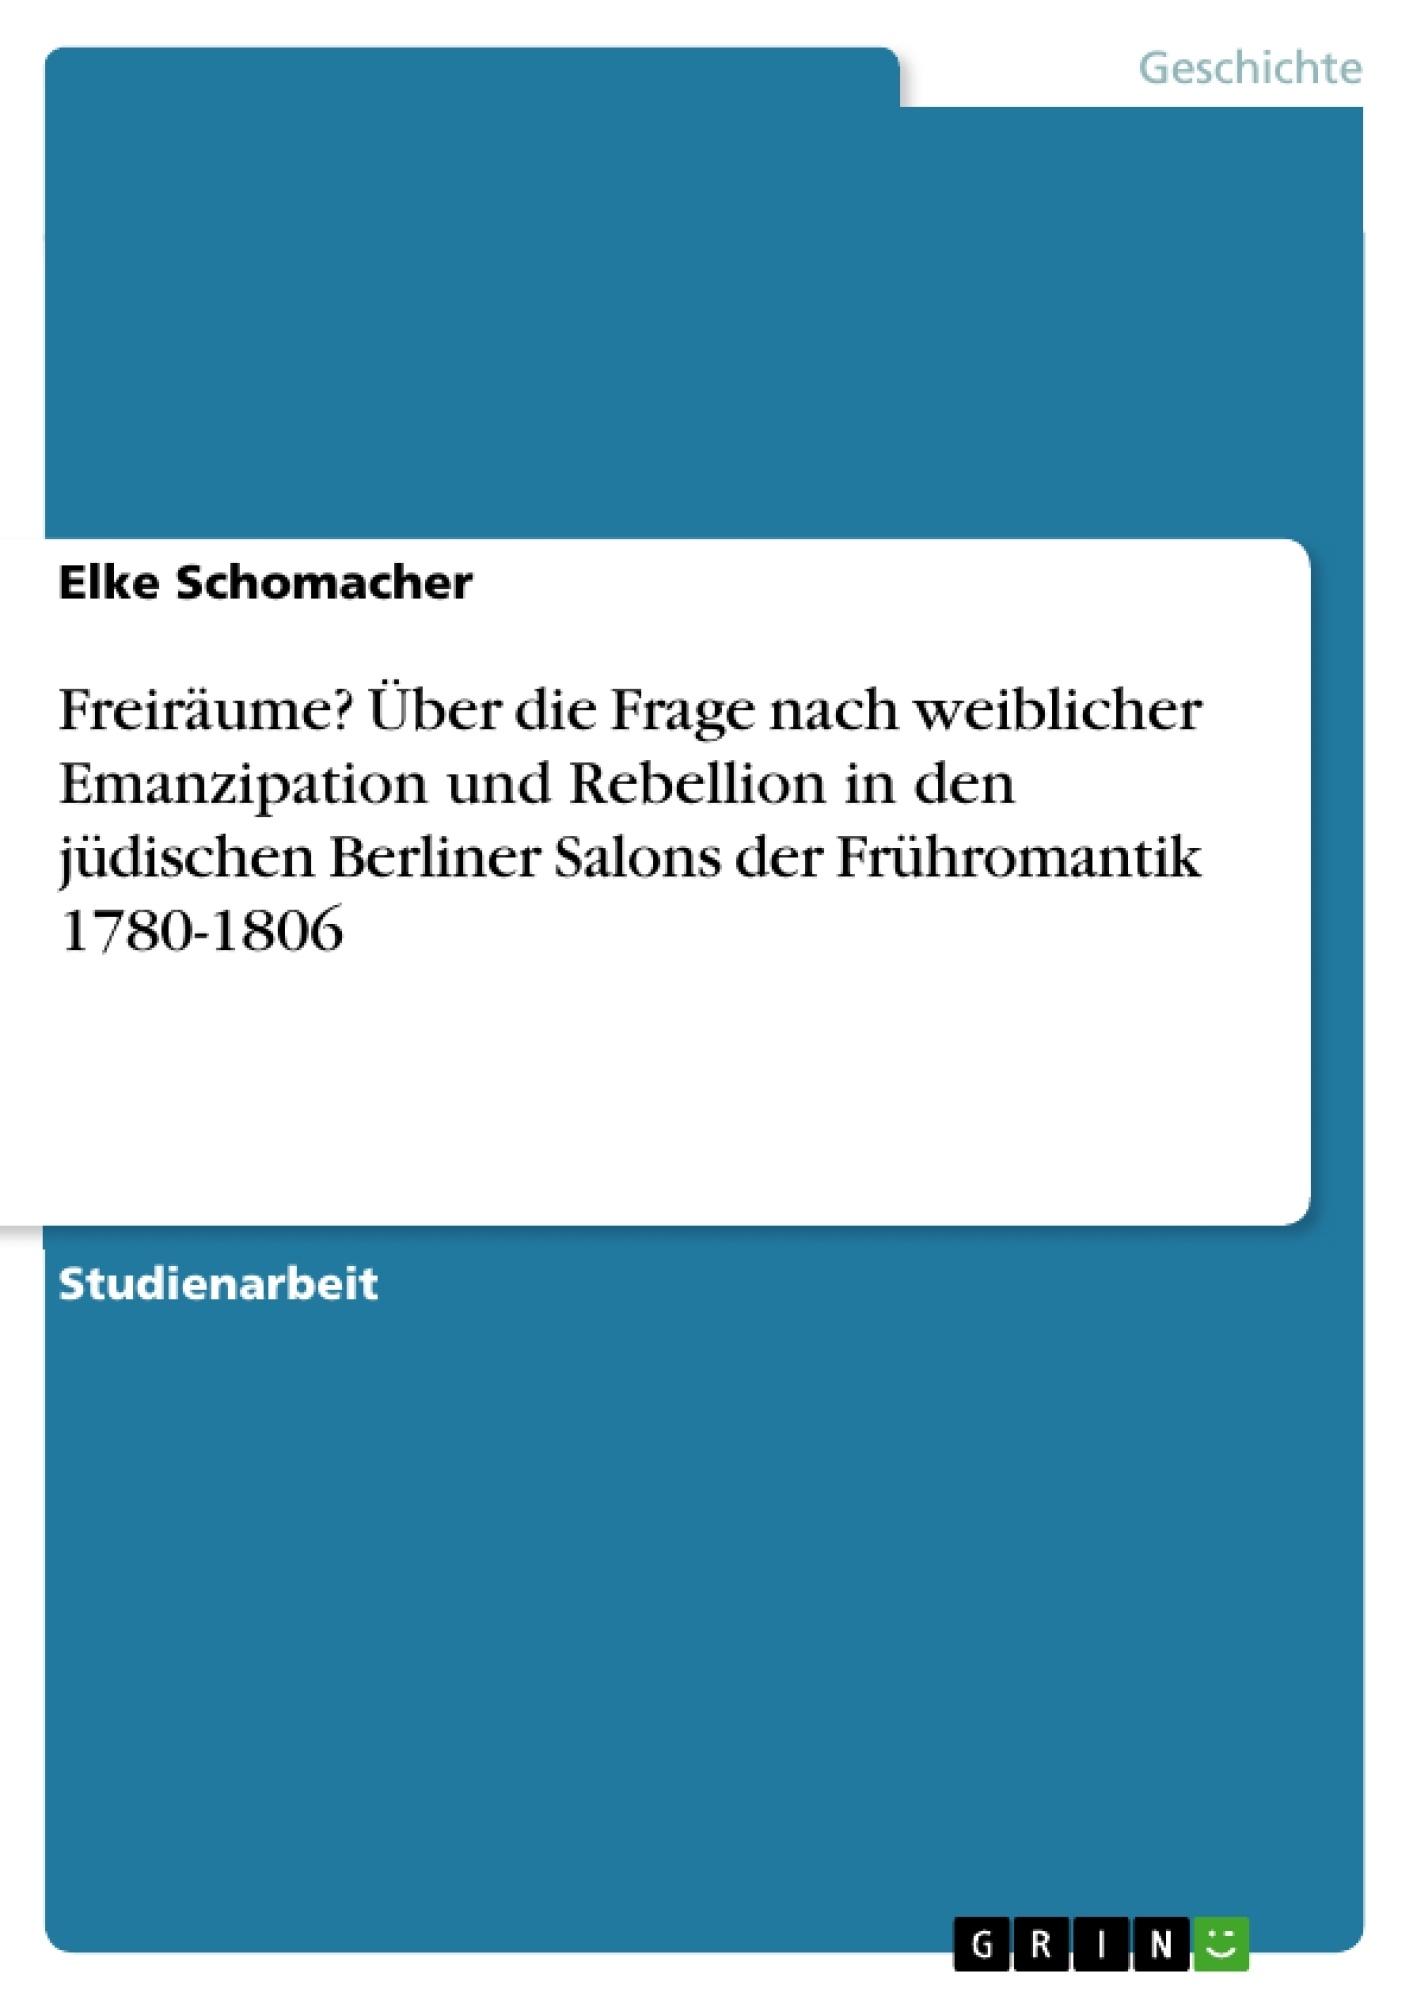 Titel: Freiräume? Über die Frage nach weiblicher Emanzipation und Rebellion in den jüdischen Berliner Salons der Frühromantik 1780-1806